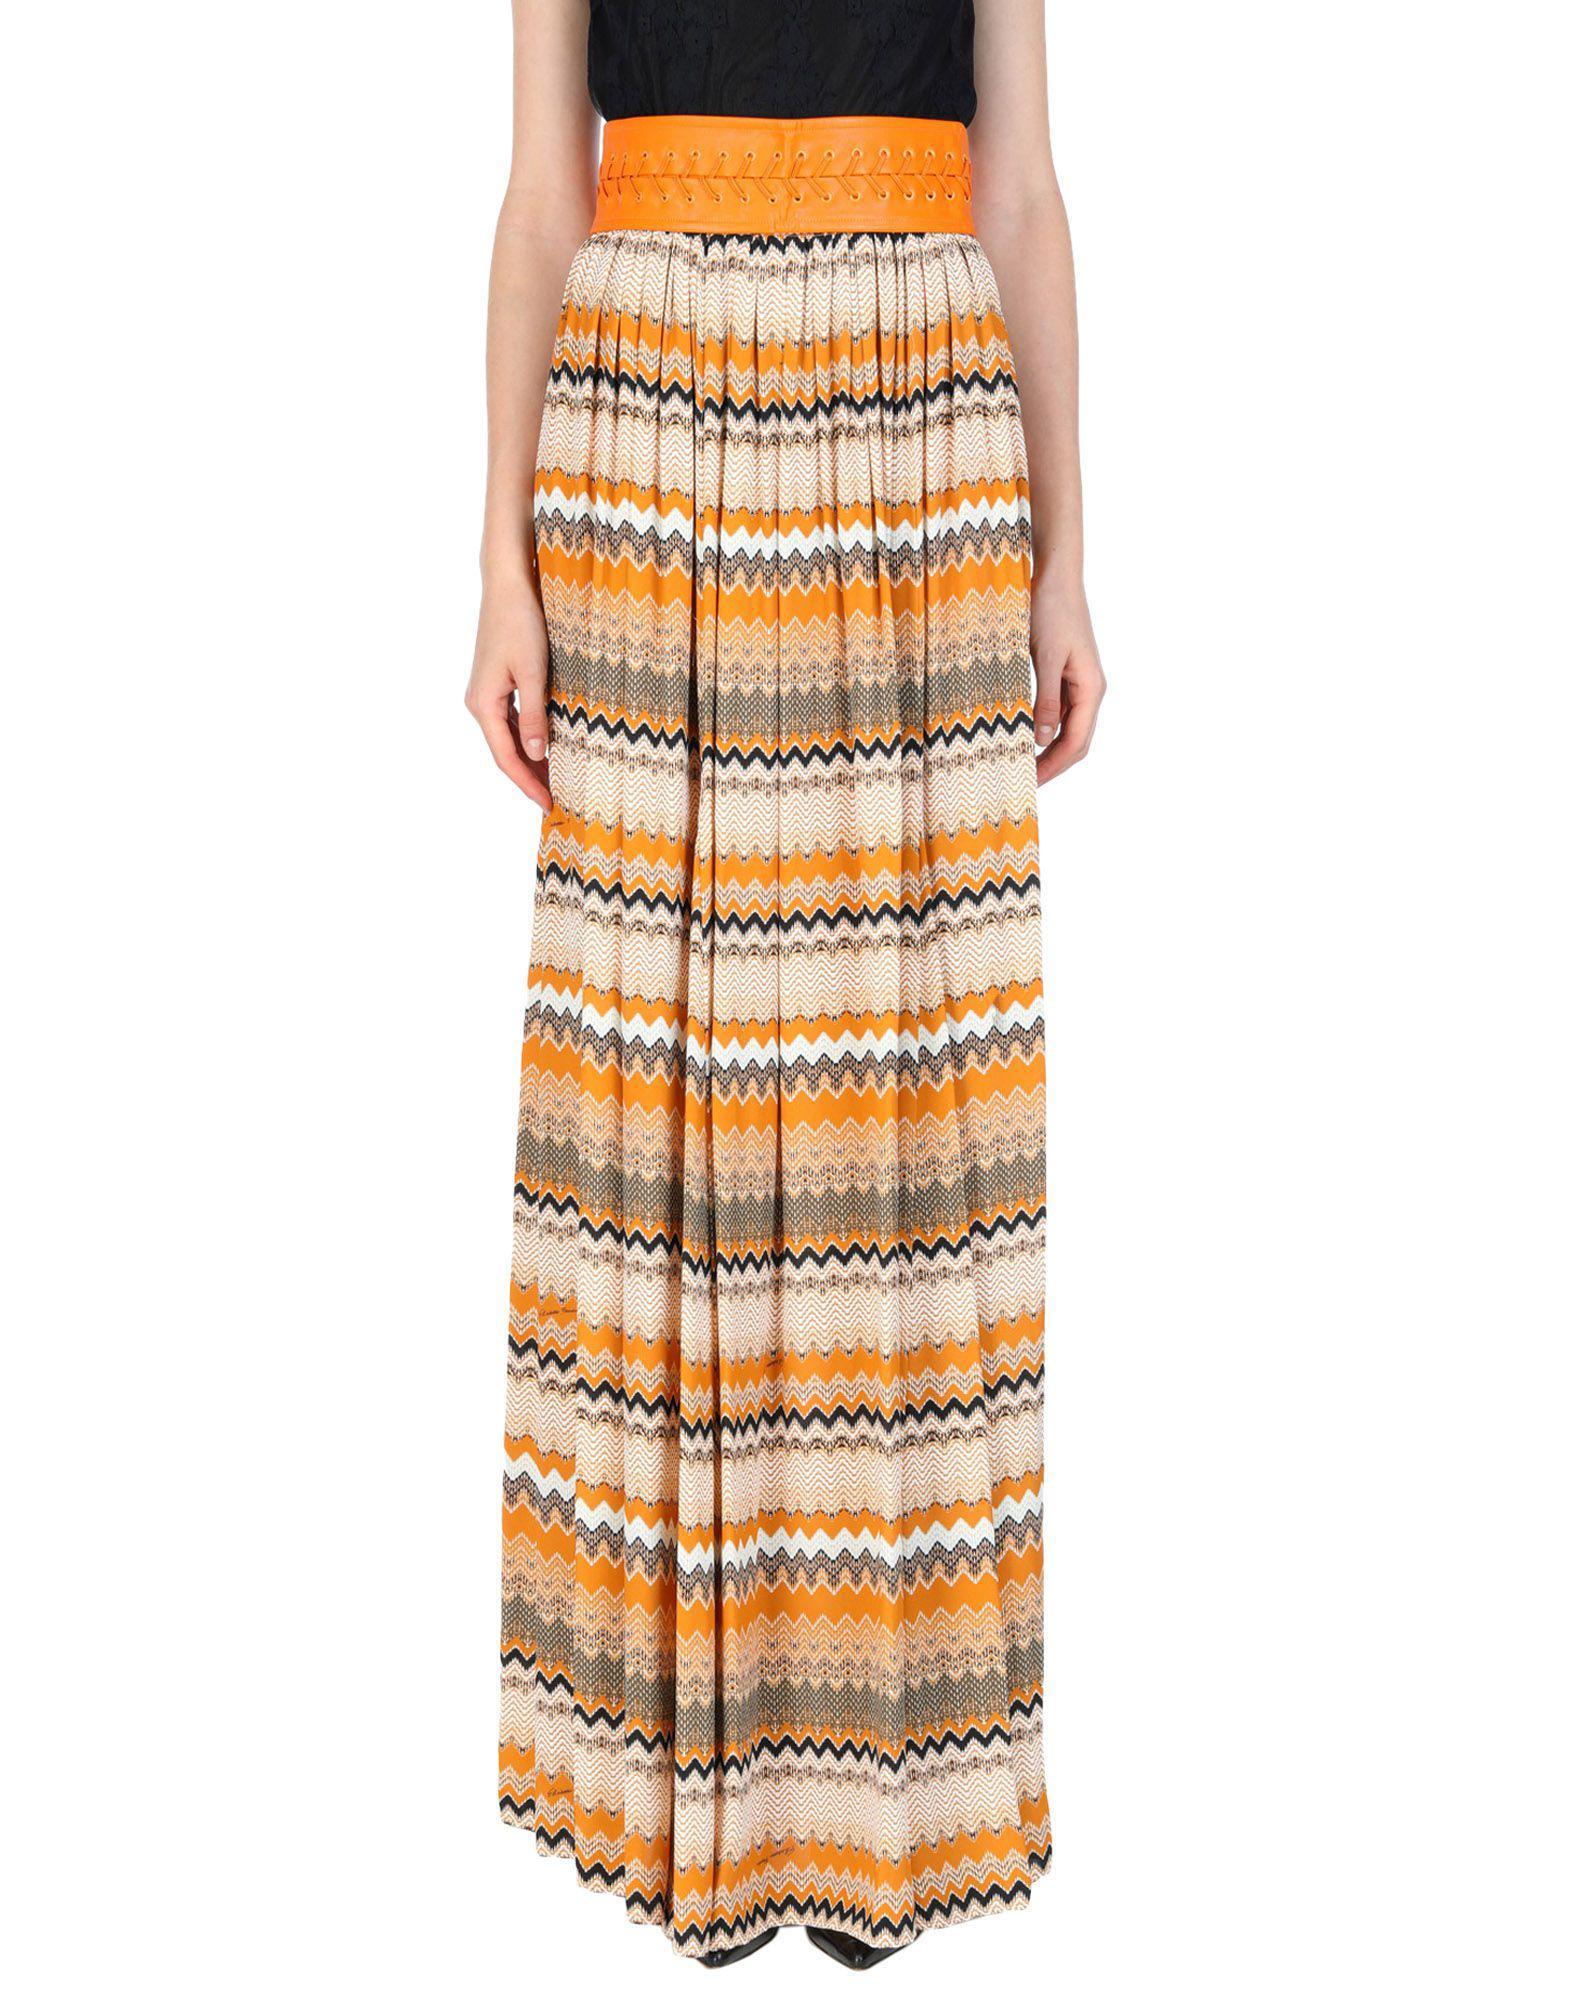 76d8d58d1 Falda larga de mujer de color naranja